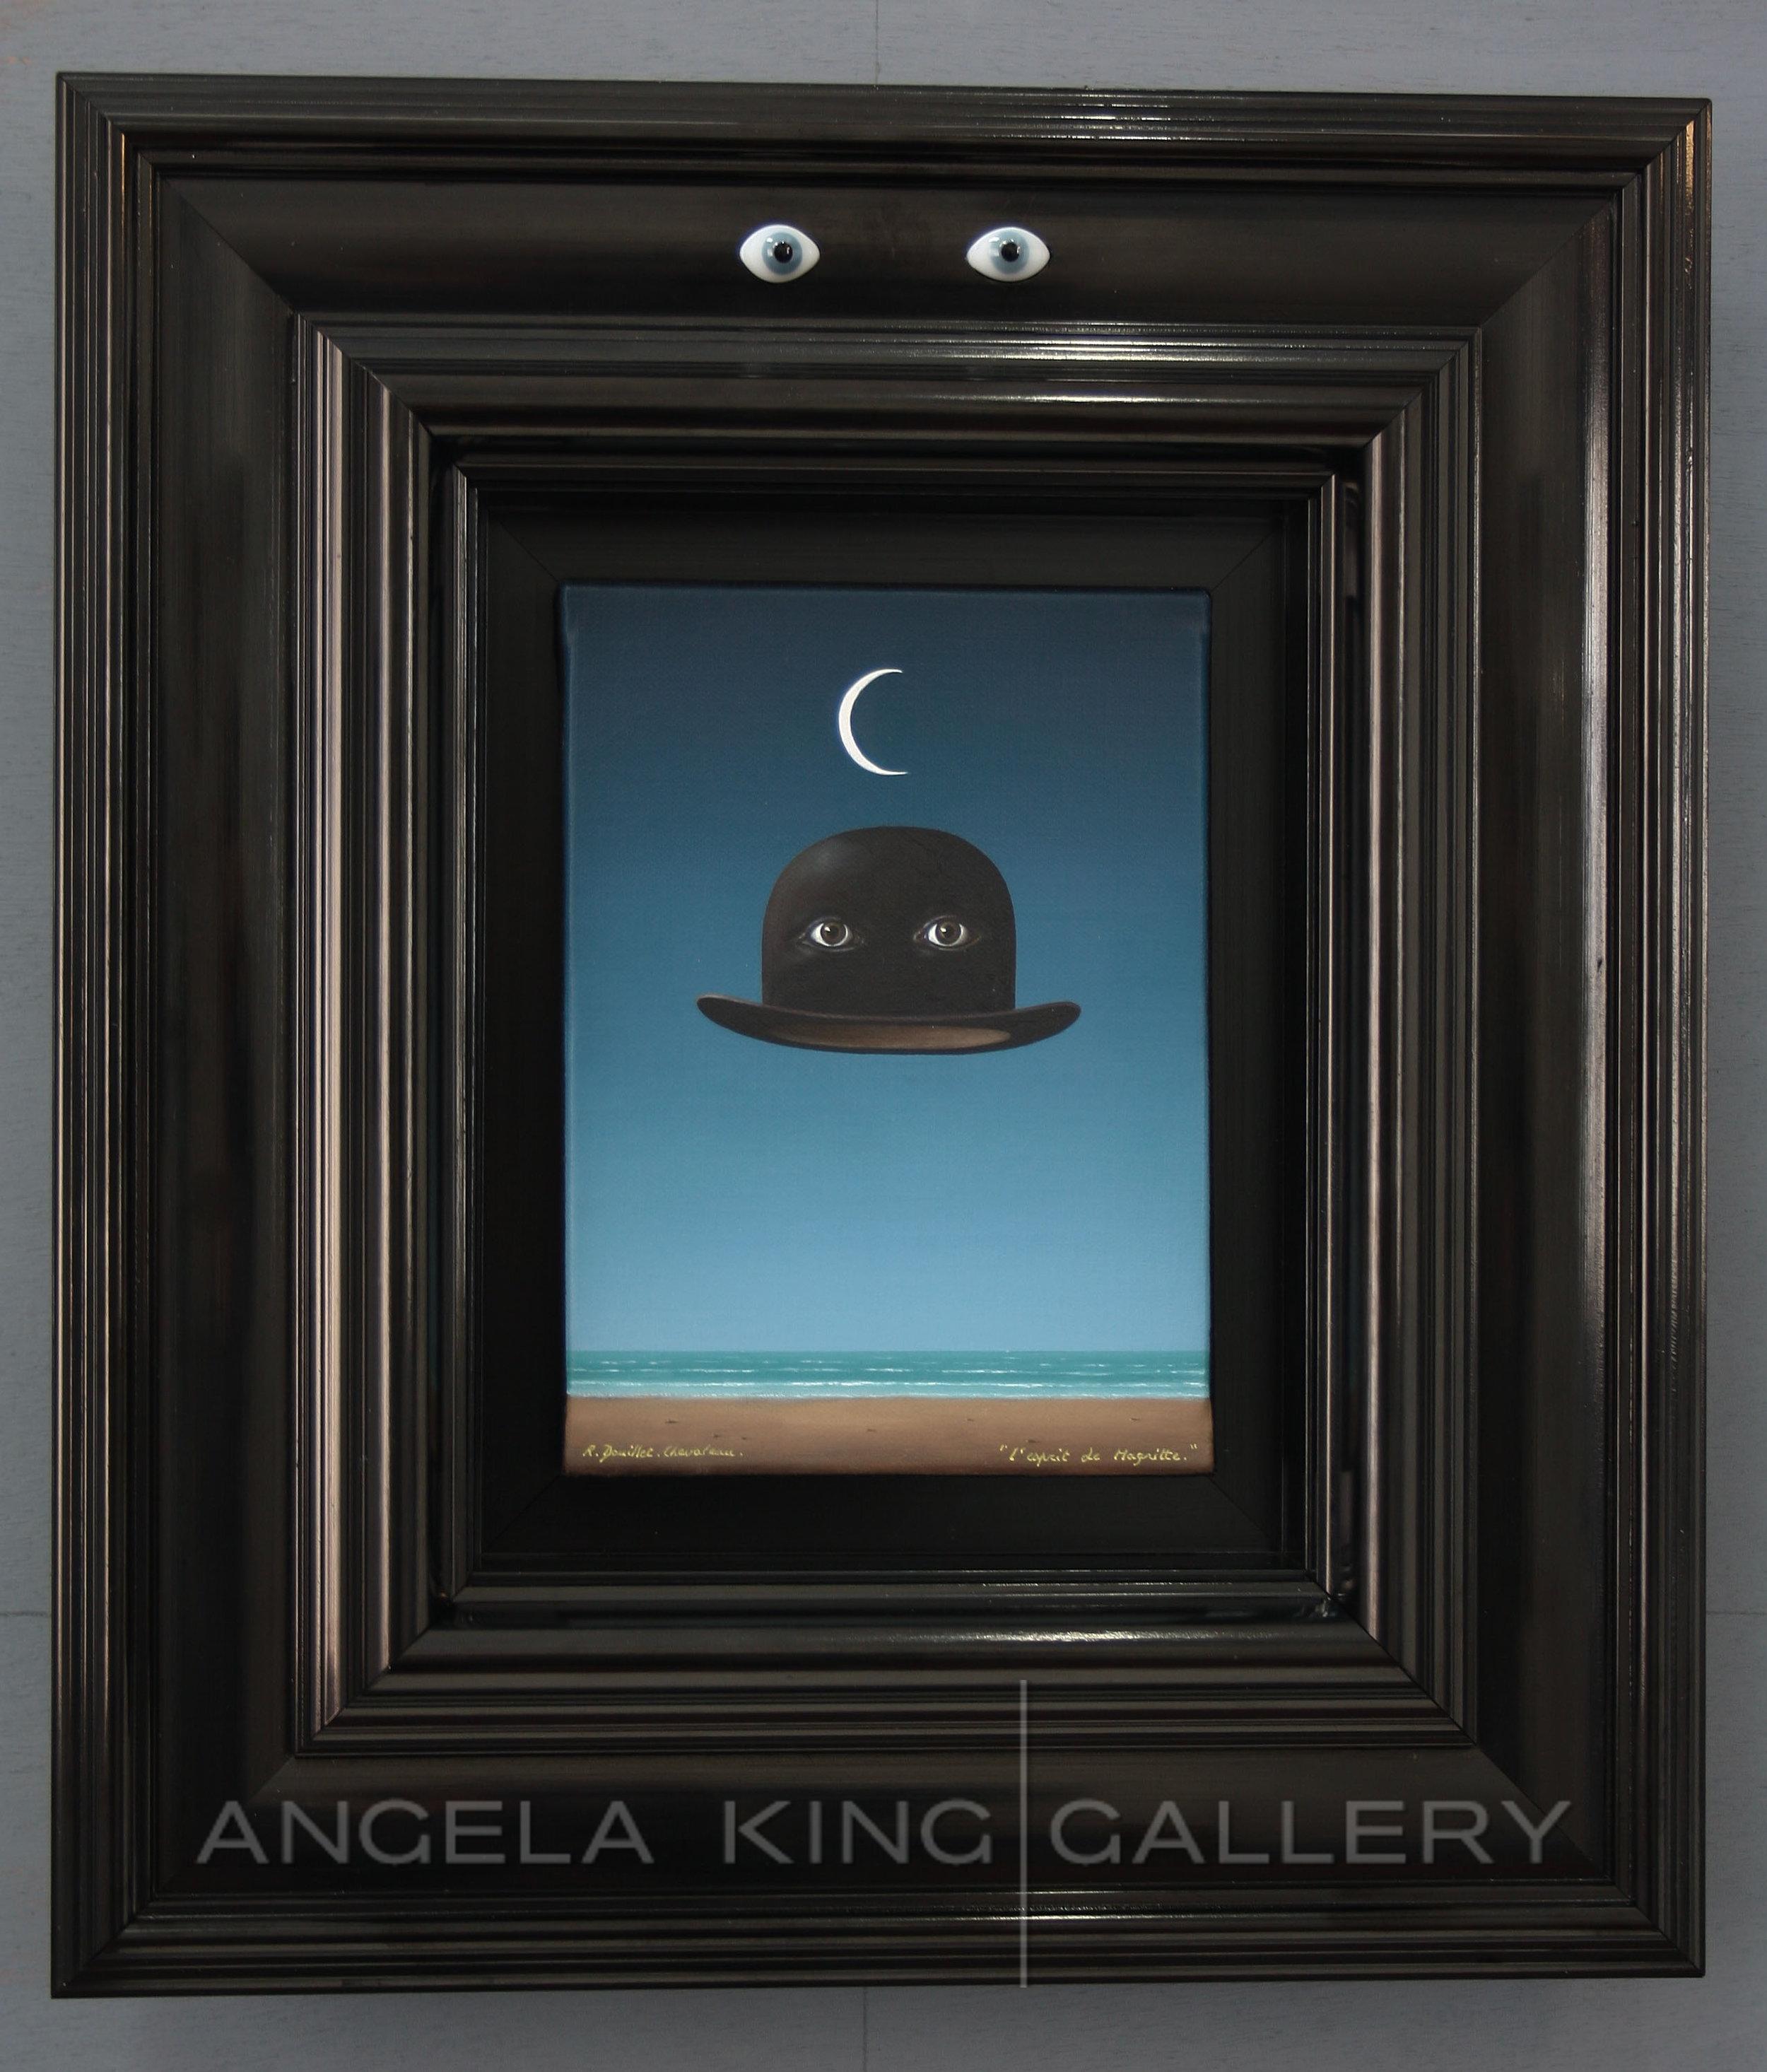 L'esprit de Magritte - The Spirit of Magritte